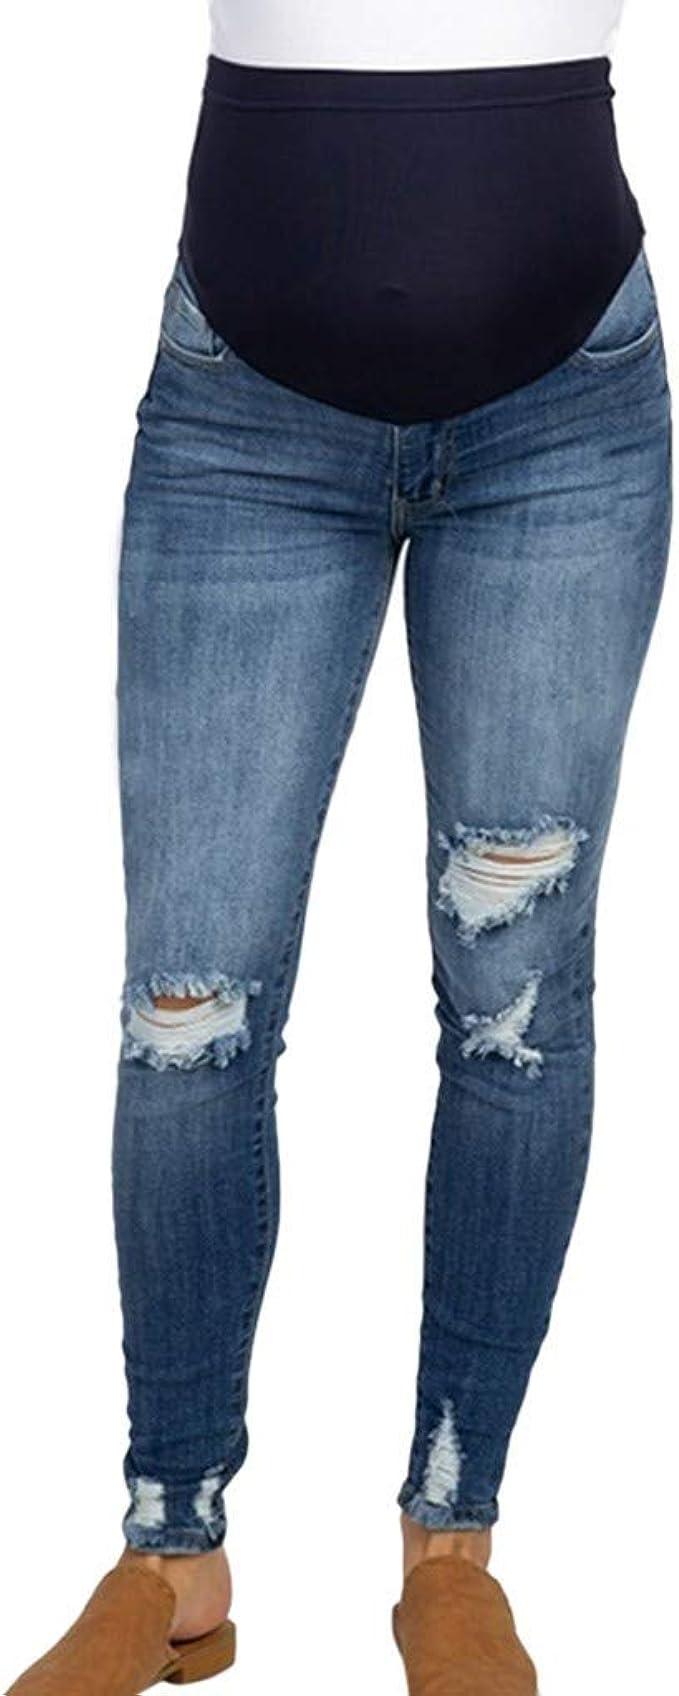 Mujer Embarazada Skinny Pantalones Suave Ajustable Denim Elastico Cuidado Vientre Gucistyle Jeans Maternidad Creeo Com Br